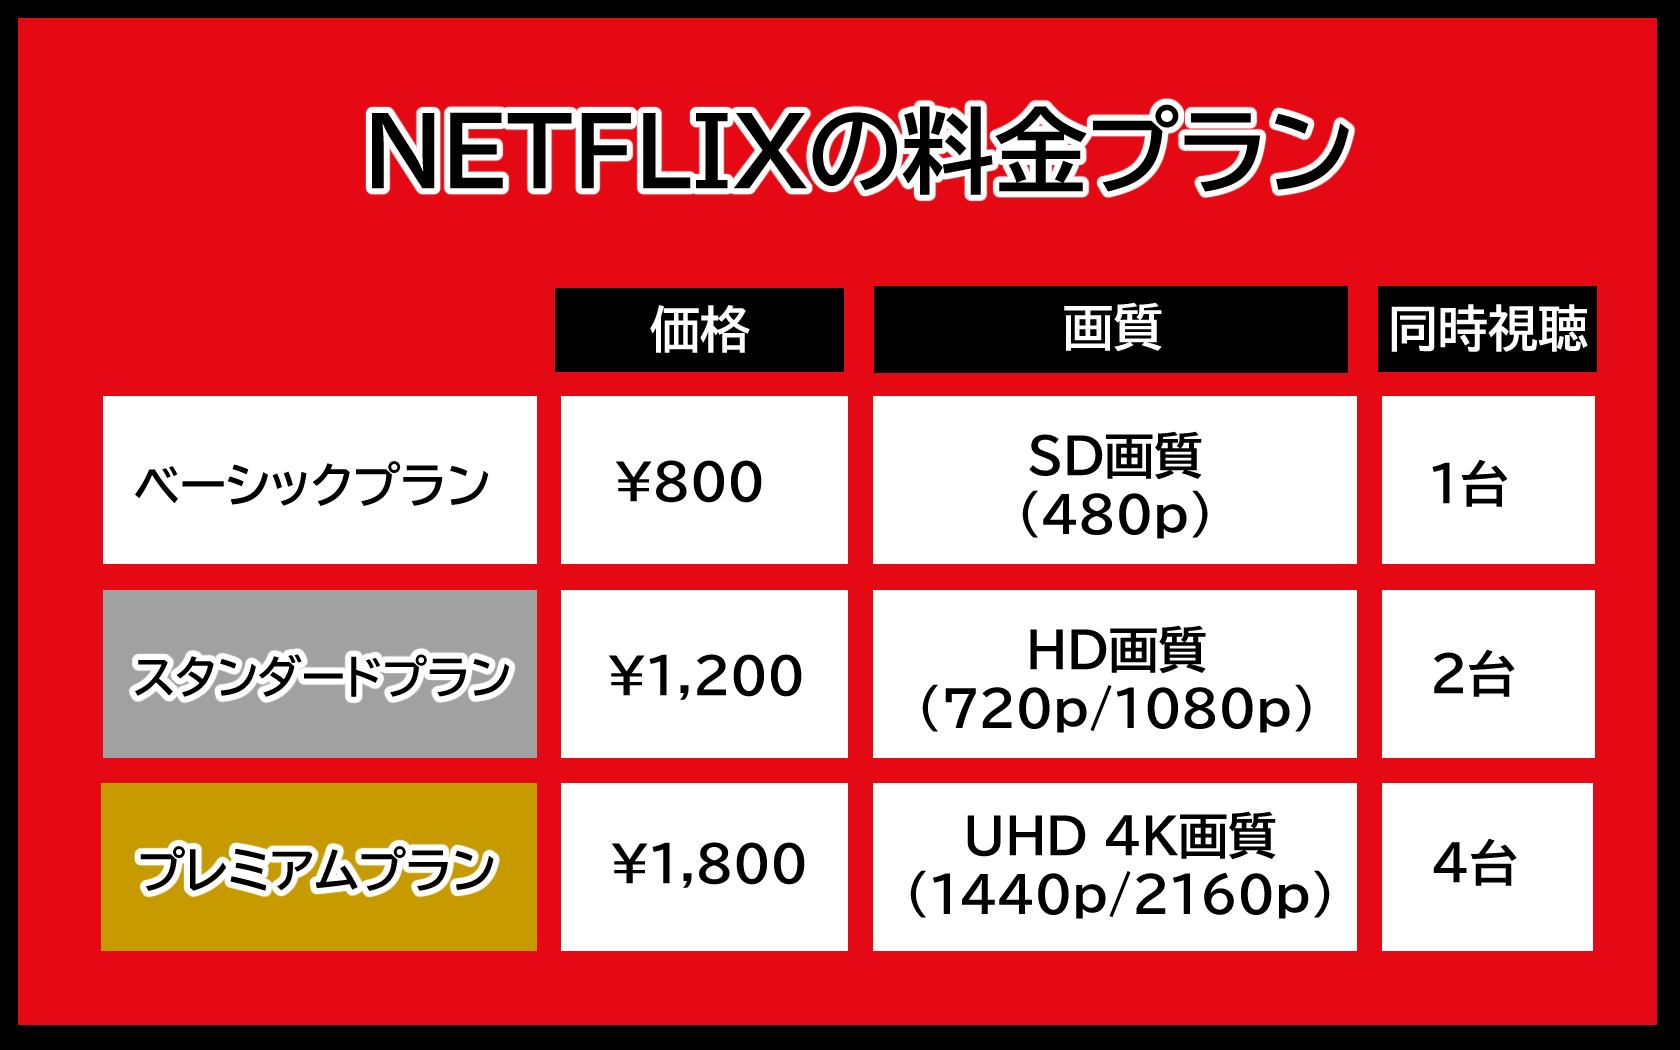 NETFLIXの料金プラン